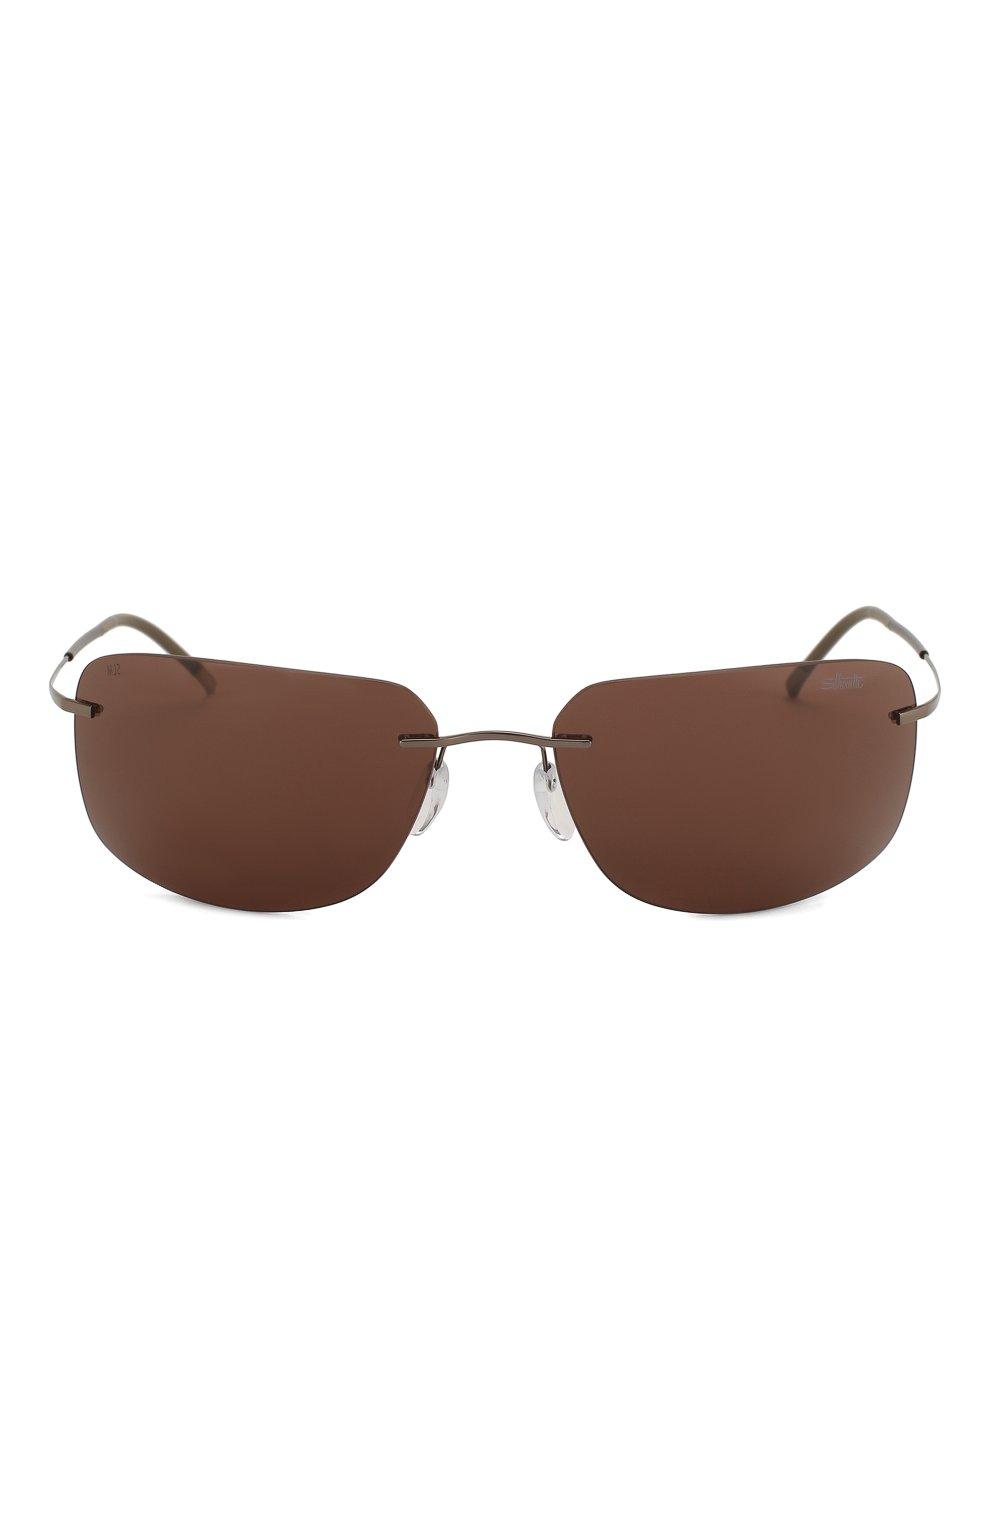 Женские солнцезащитные очки SILHOUETTE коричневого цвета, арт. 8698/6240 | Фото 4